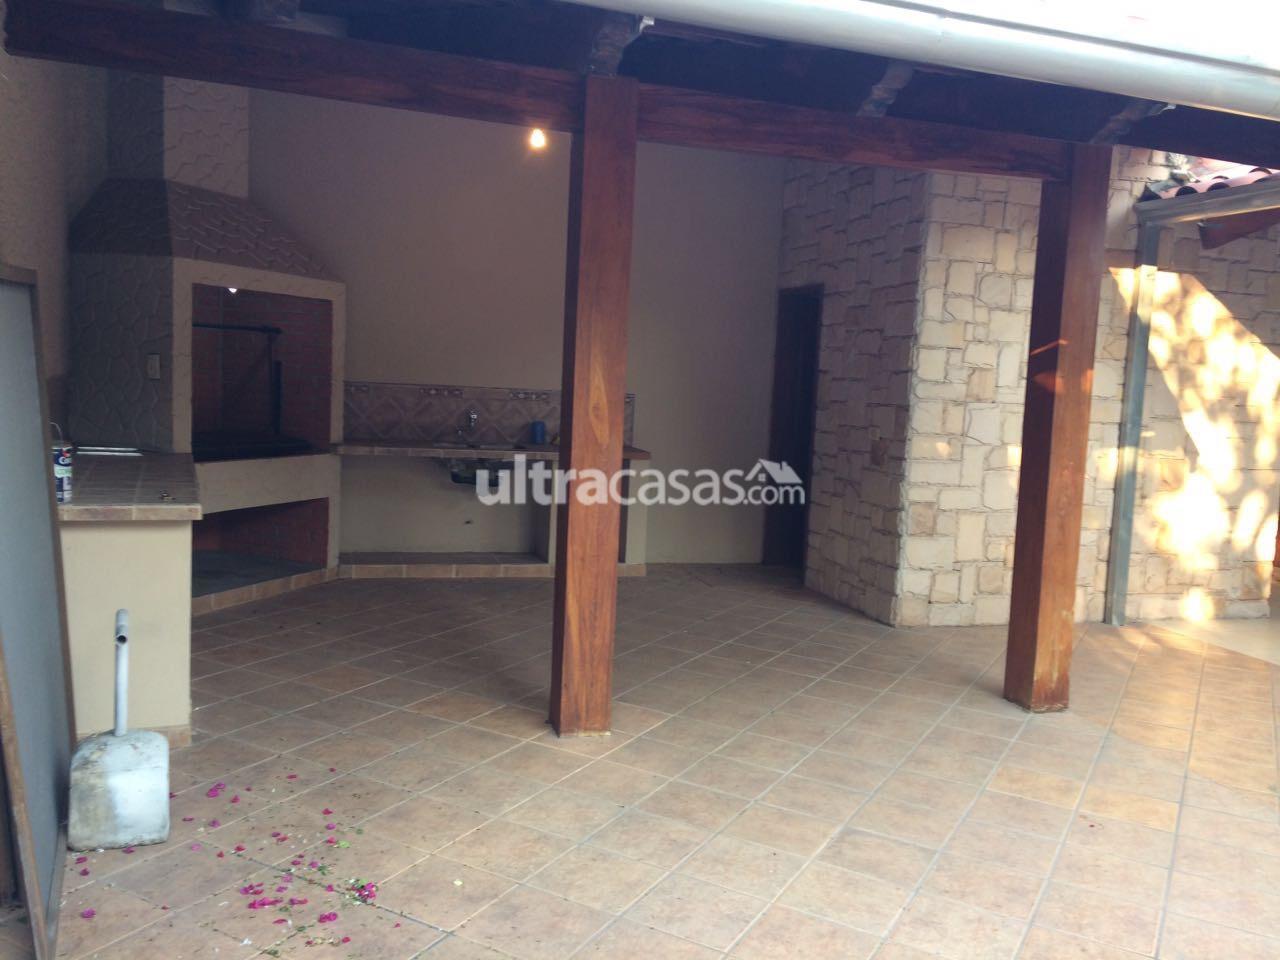 Casa en Venta BARRIO URBARI CASA EN VENTA Foto 5